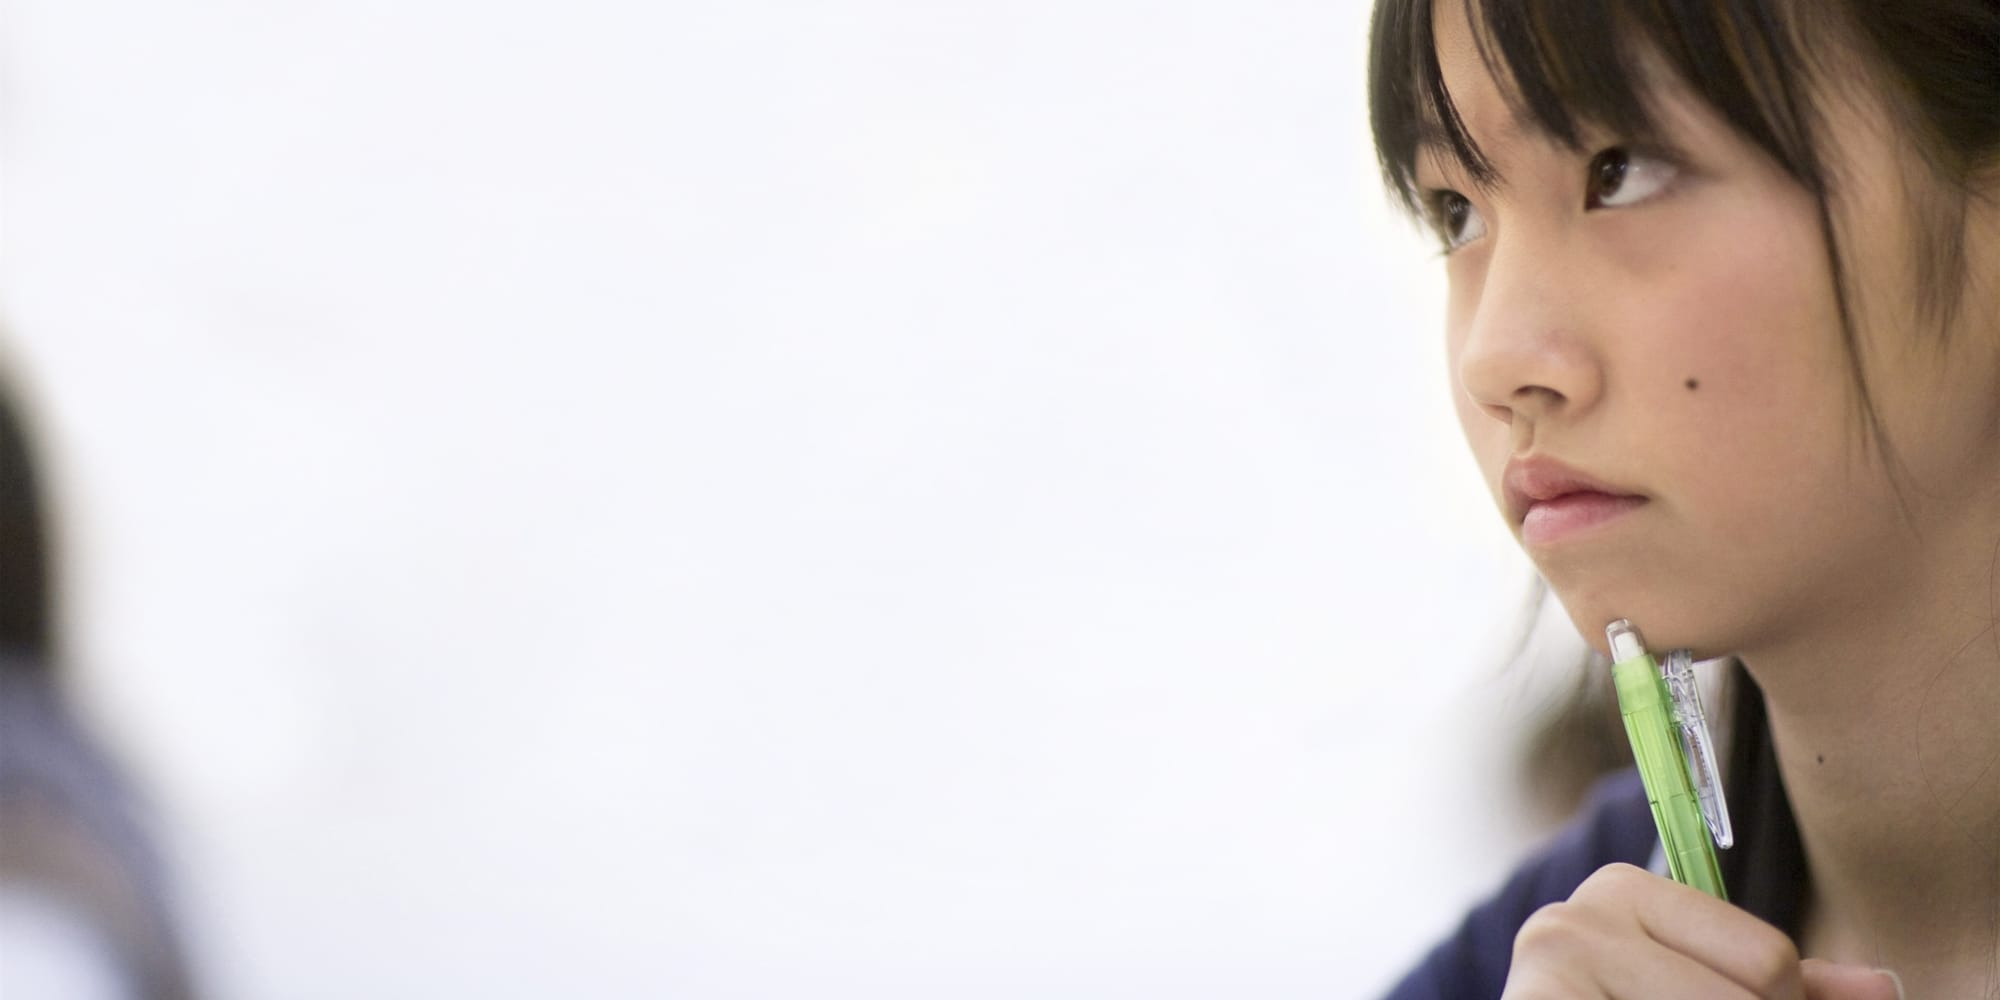 新潟黎明館 – 新潟高校・新潟南高校進学専門塾【公式】1